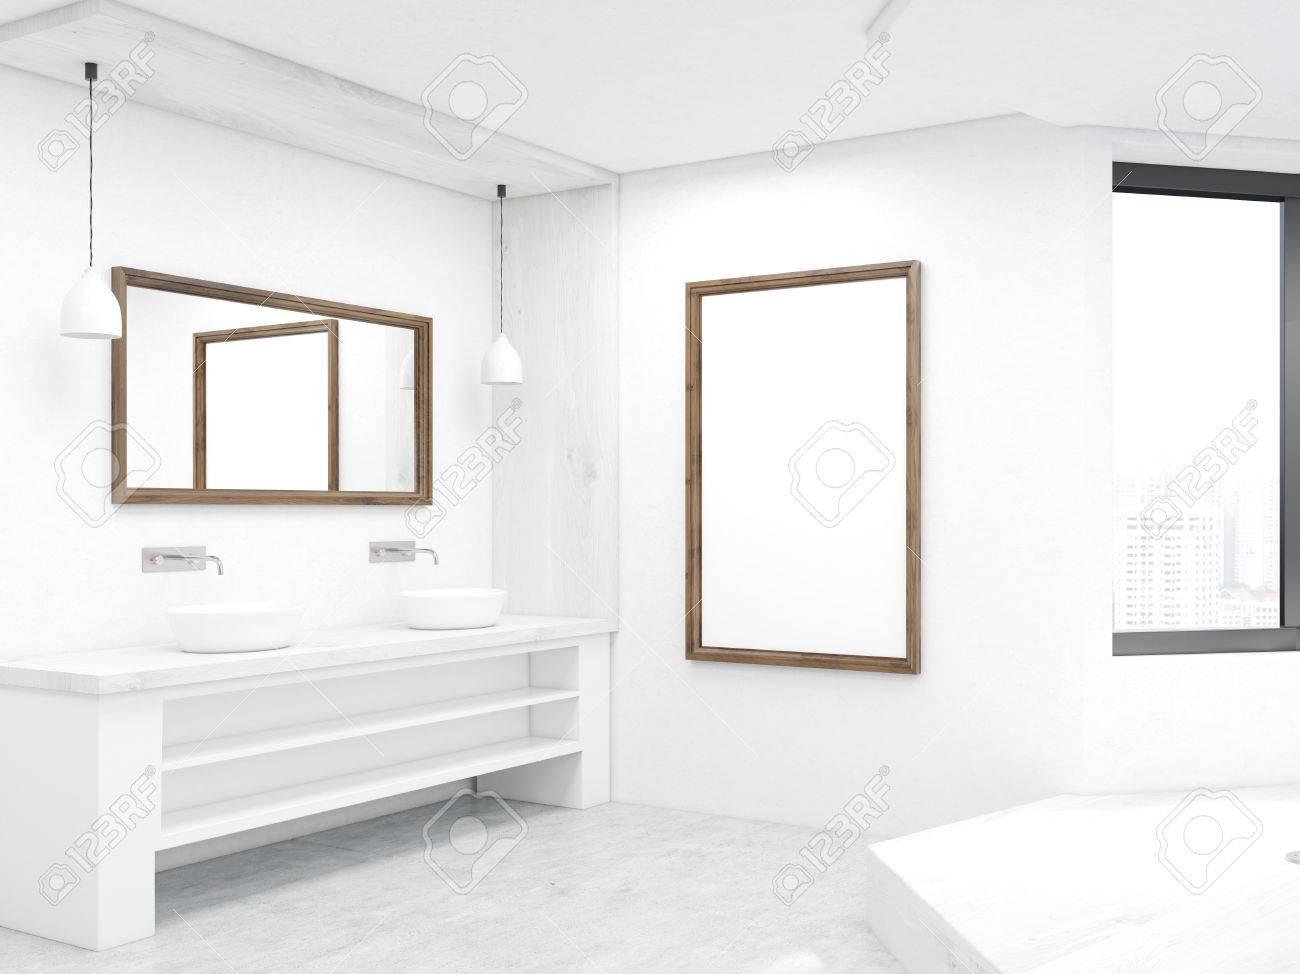 Cuarto De Baño De Esquina Con Dos Fregaderos, Podio, Espejos Y ...